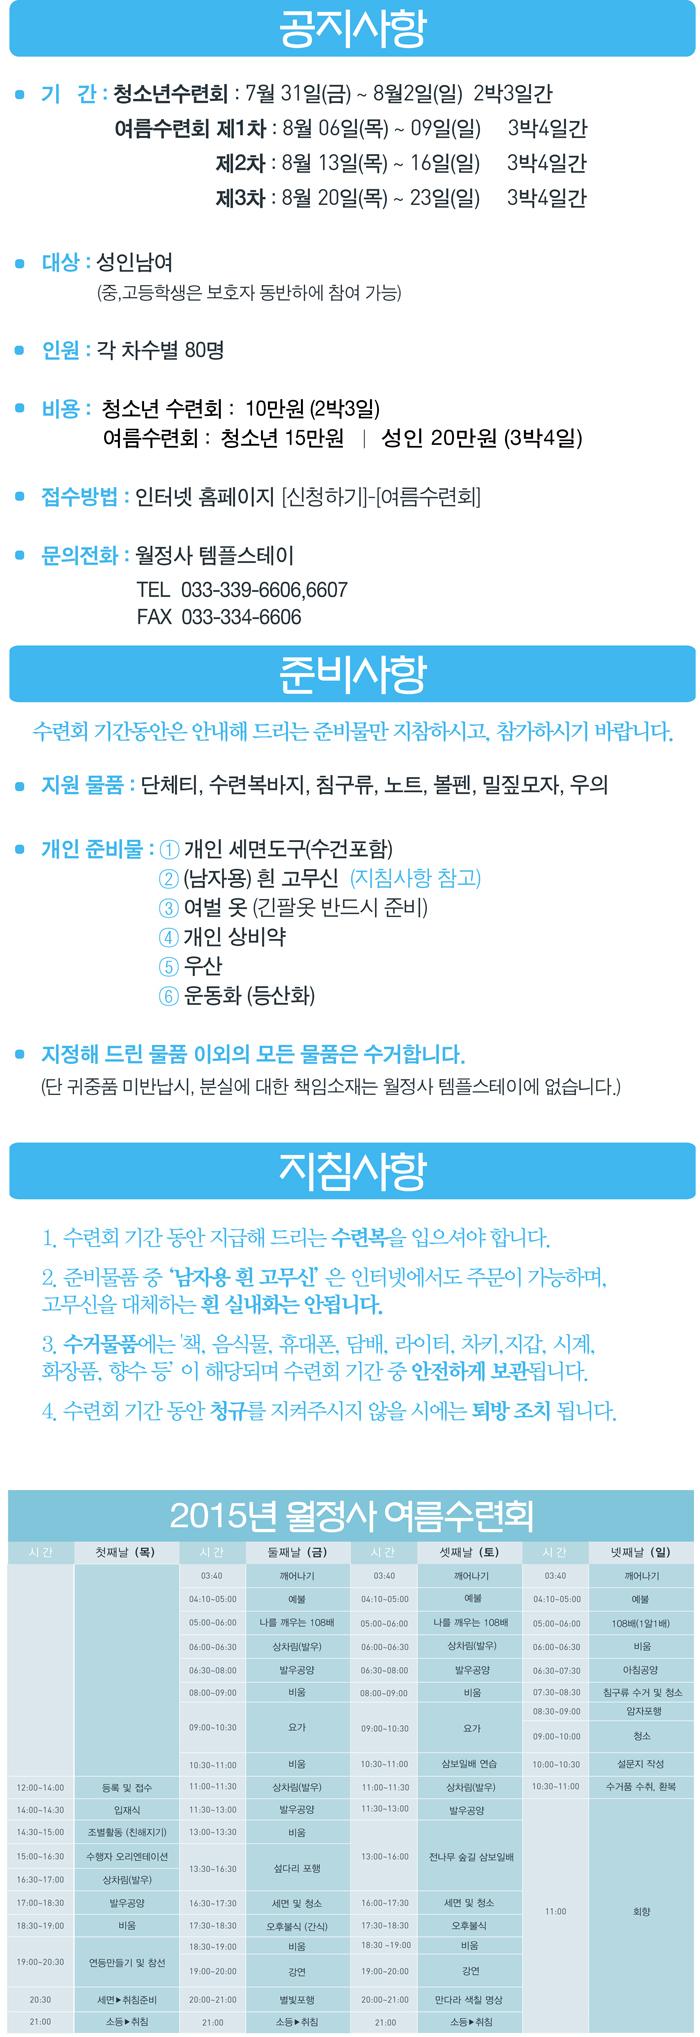 2015여름수련회(내용+일정)2 copy.jpg